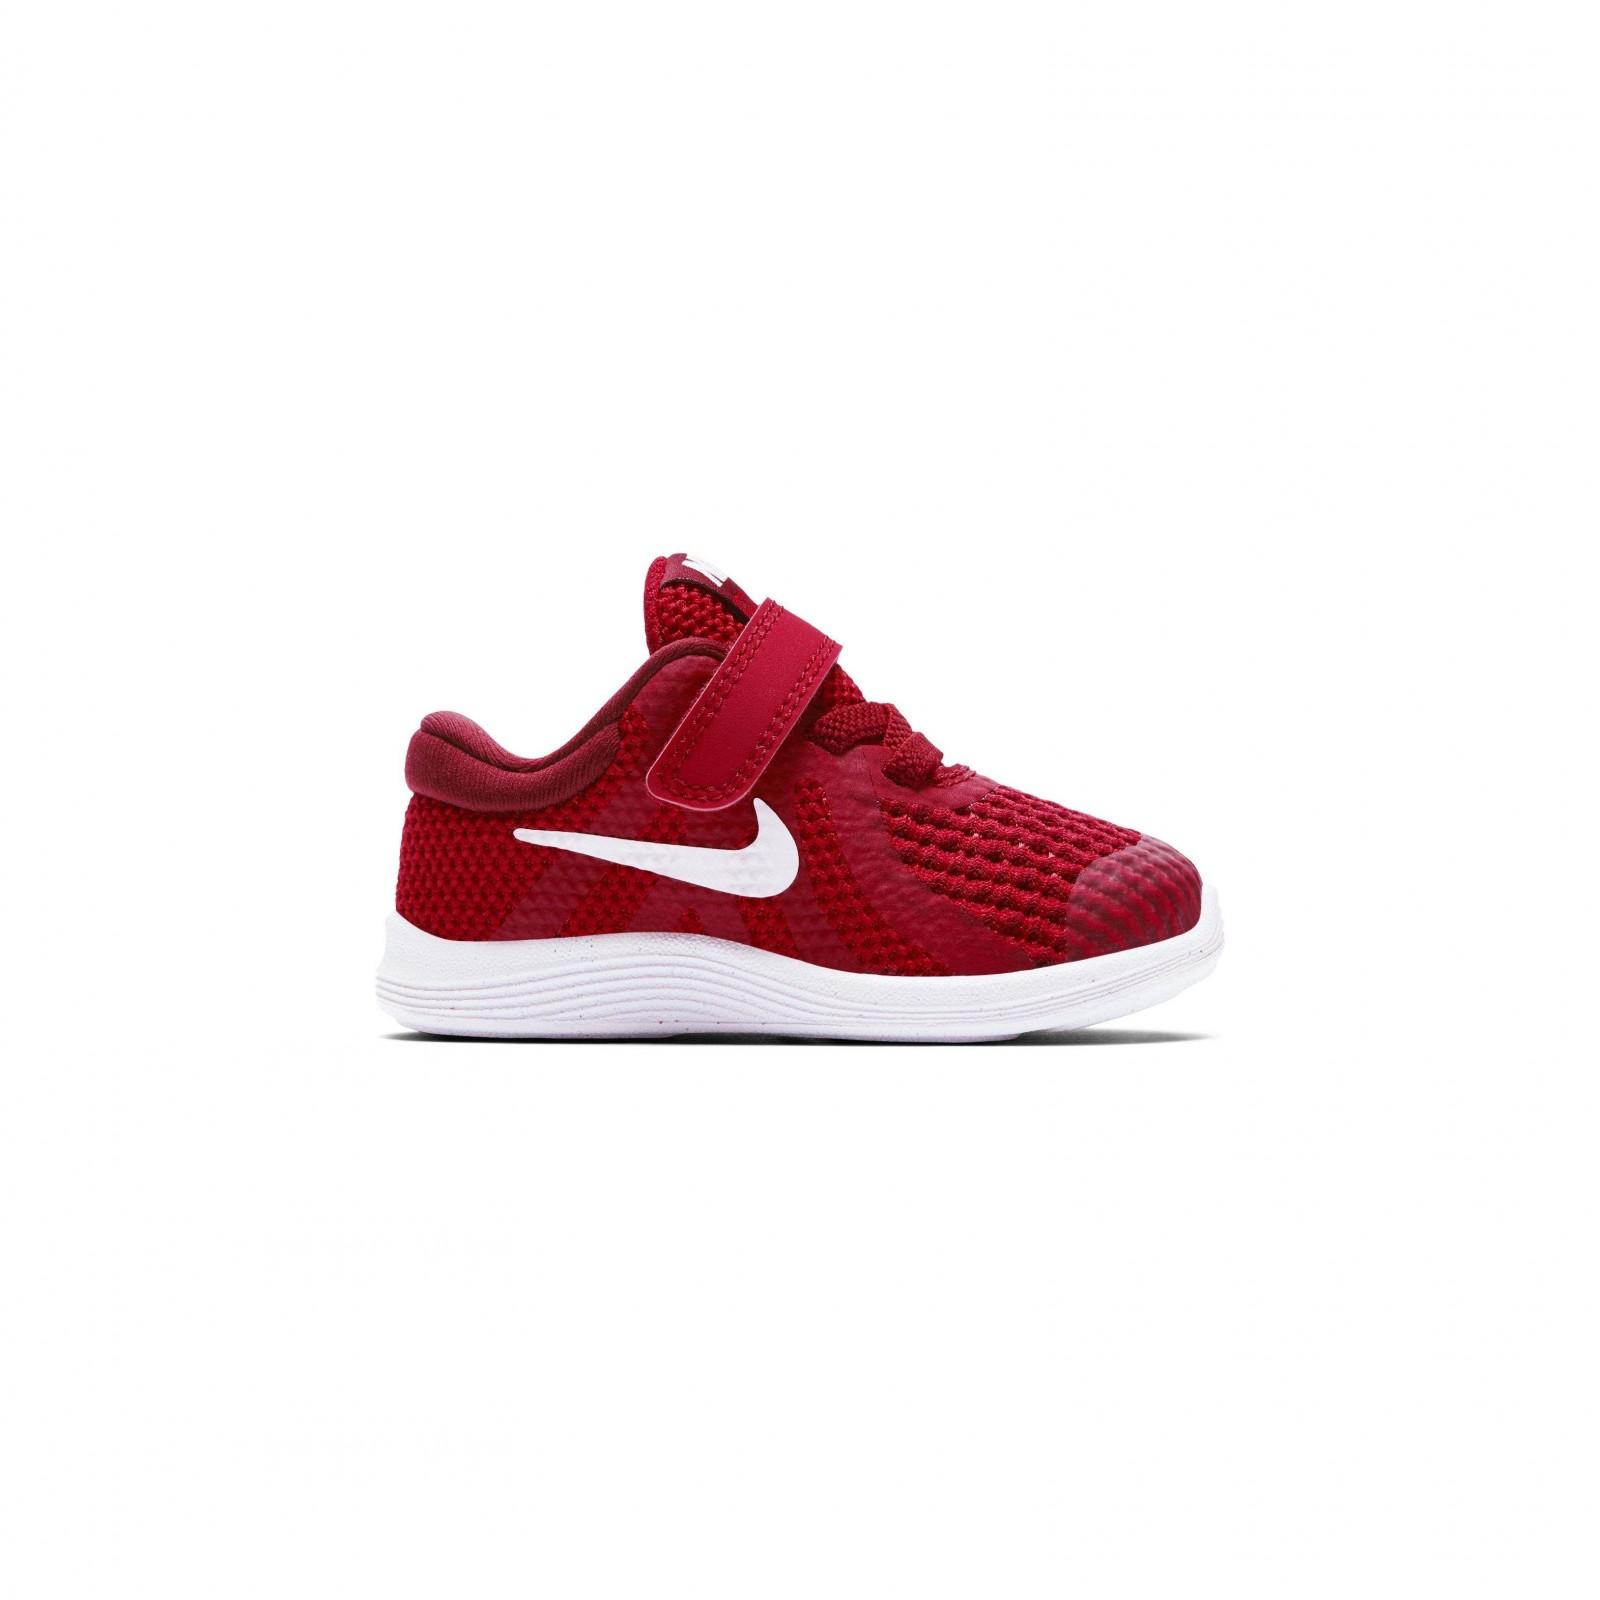 Dětské tenisky Nike REVOLUTION 4 (TDV)  413b37bbd6f